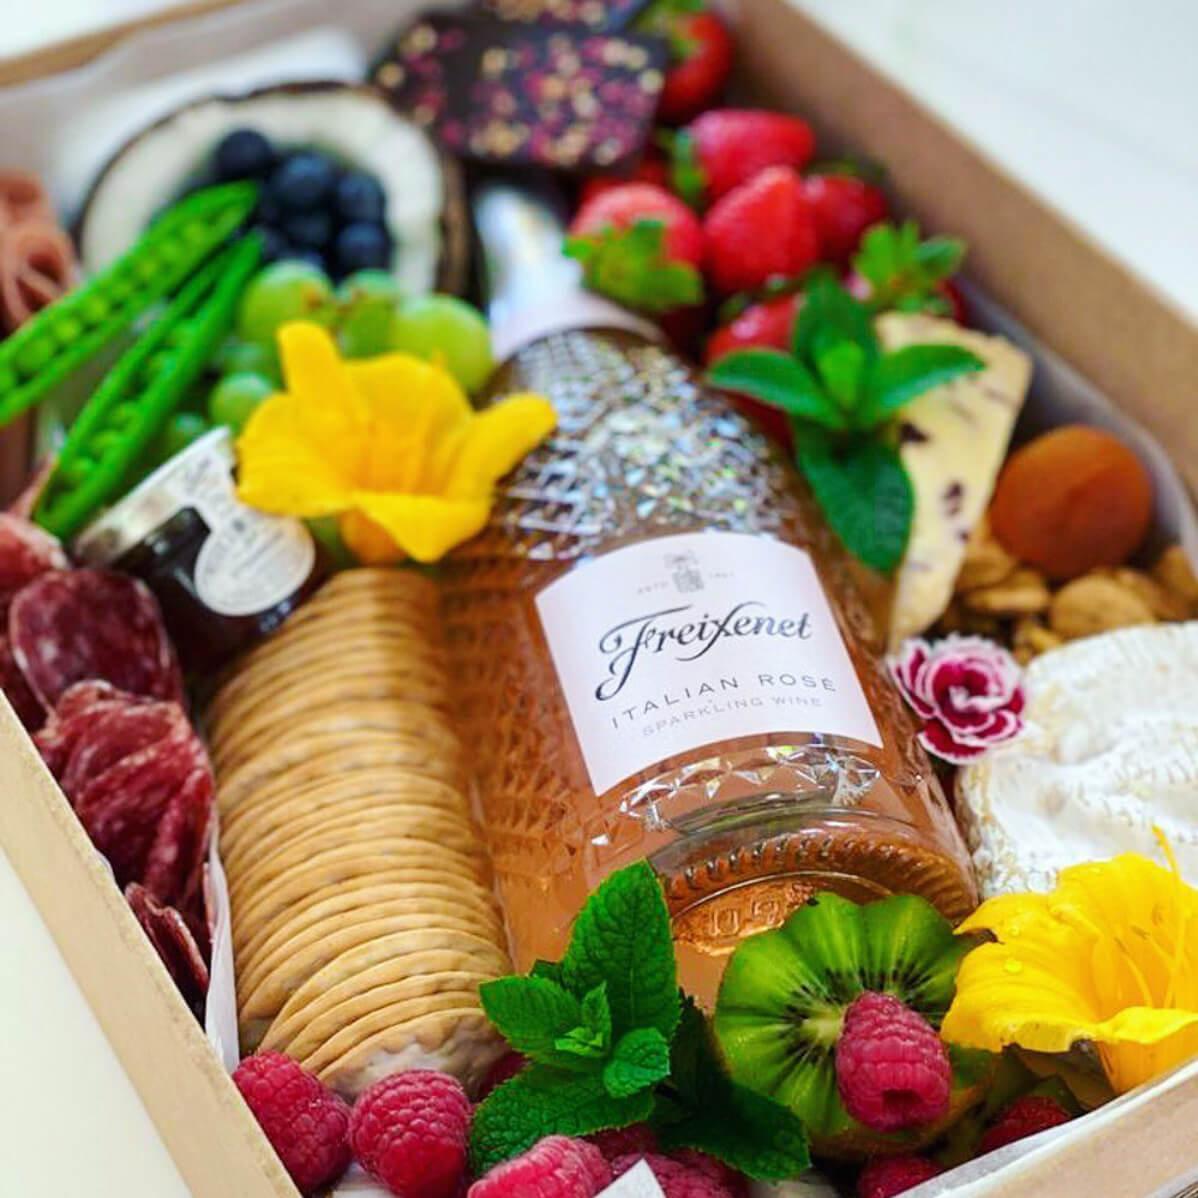 Productos frescos gourmet y botella de sparkling wine